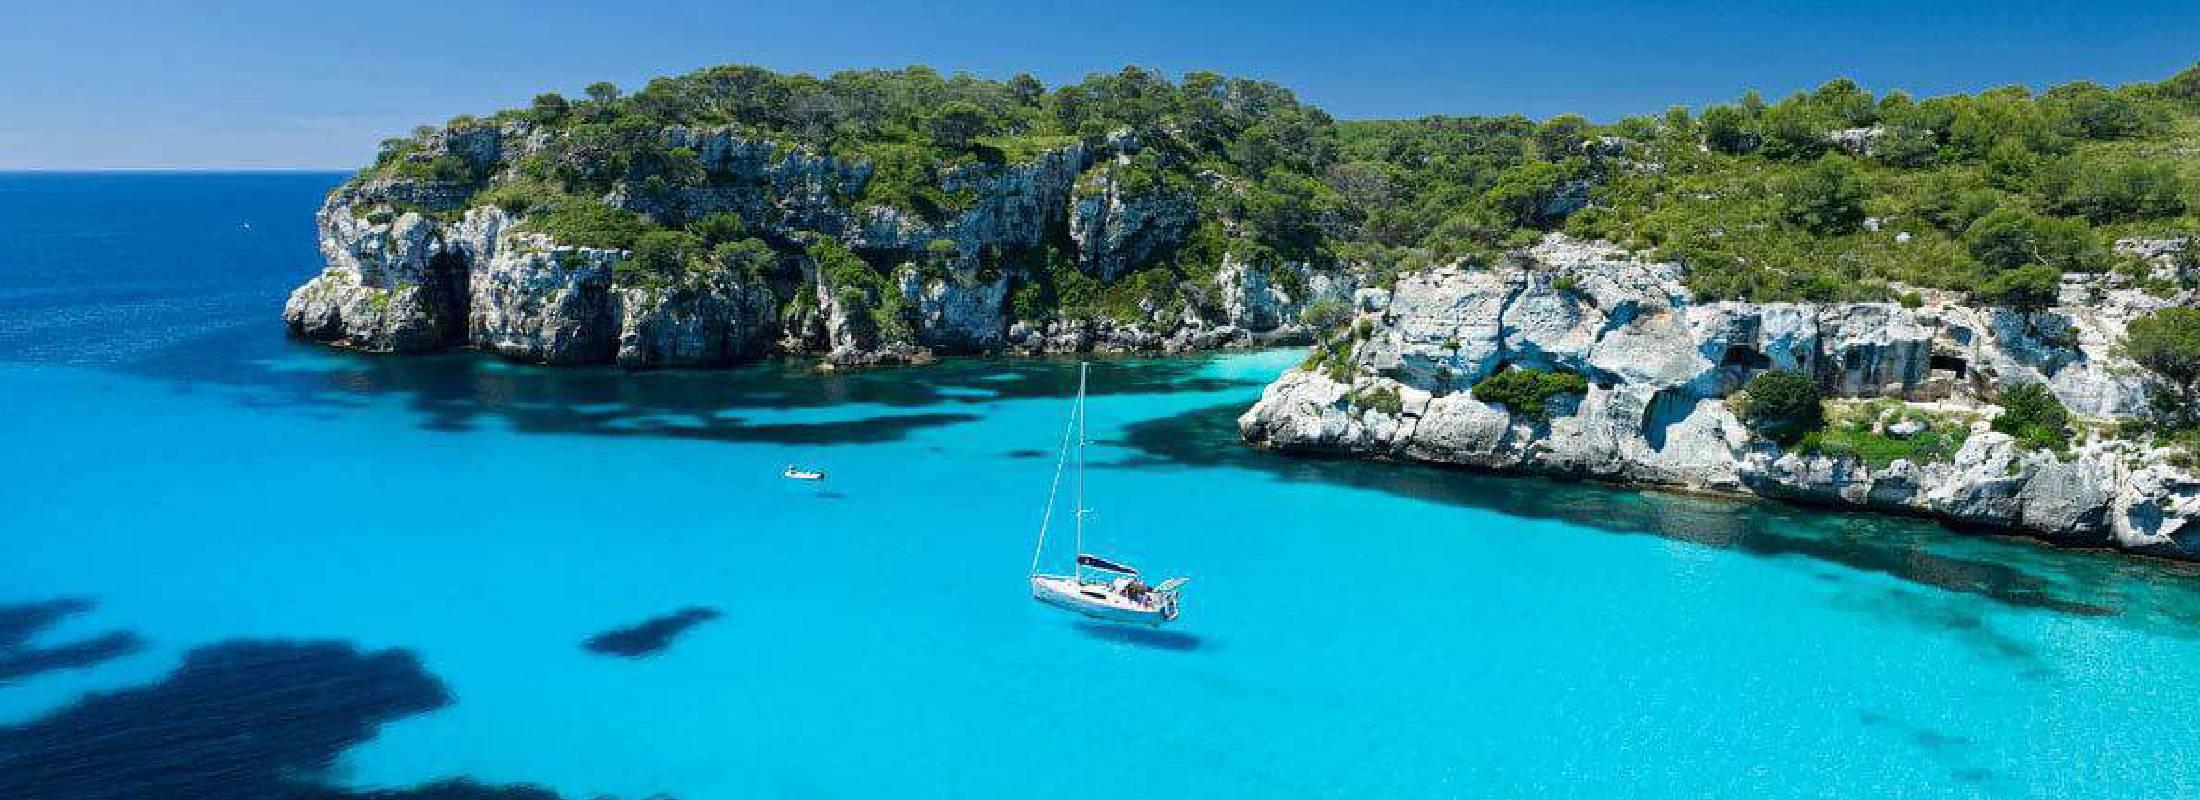 vistas de las calas de Menorca desde el velero